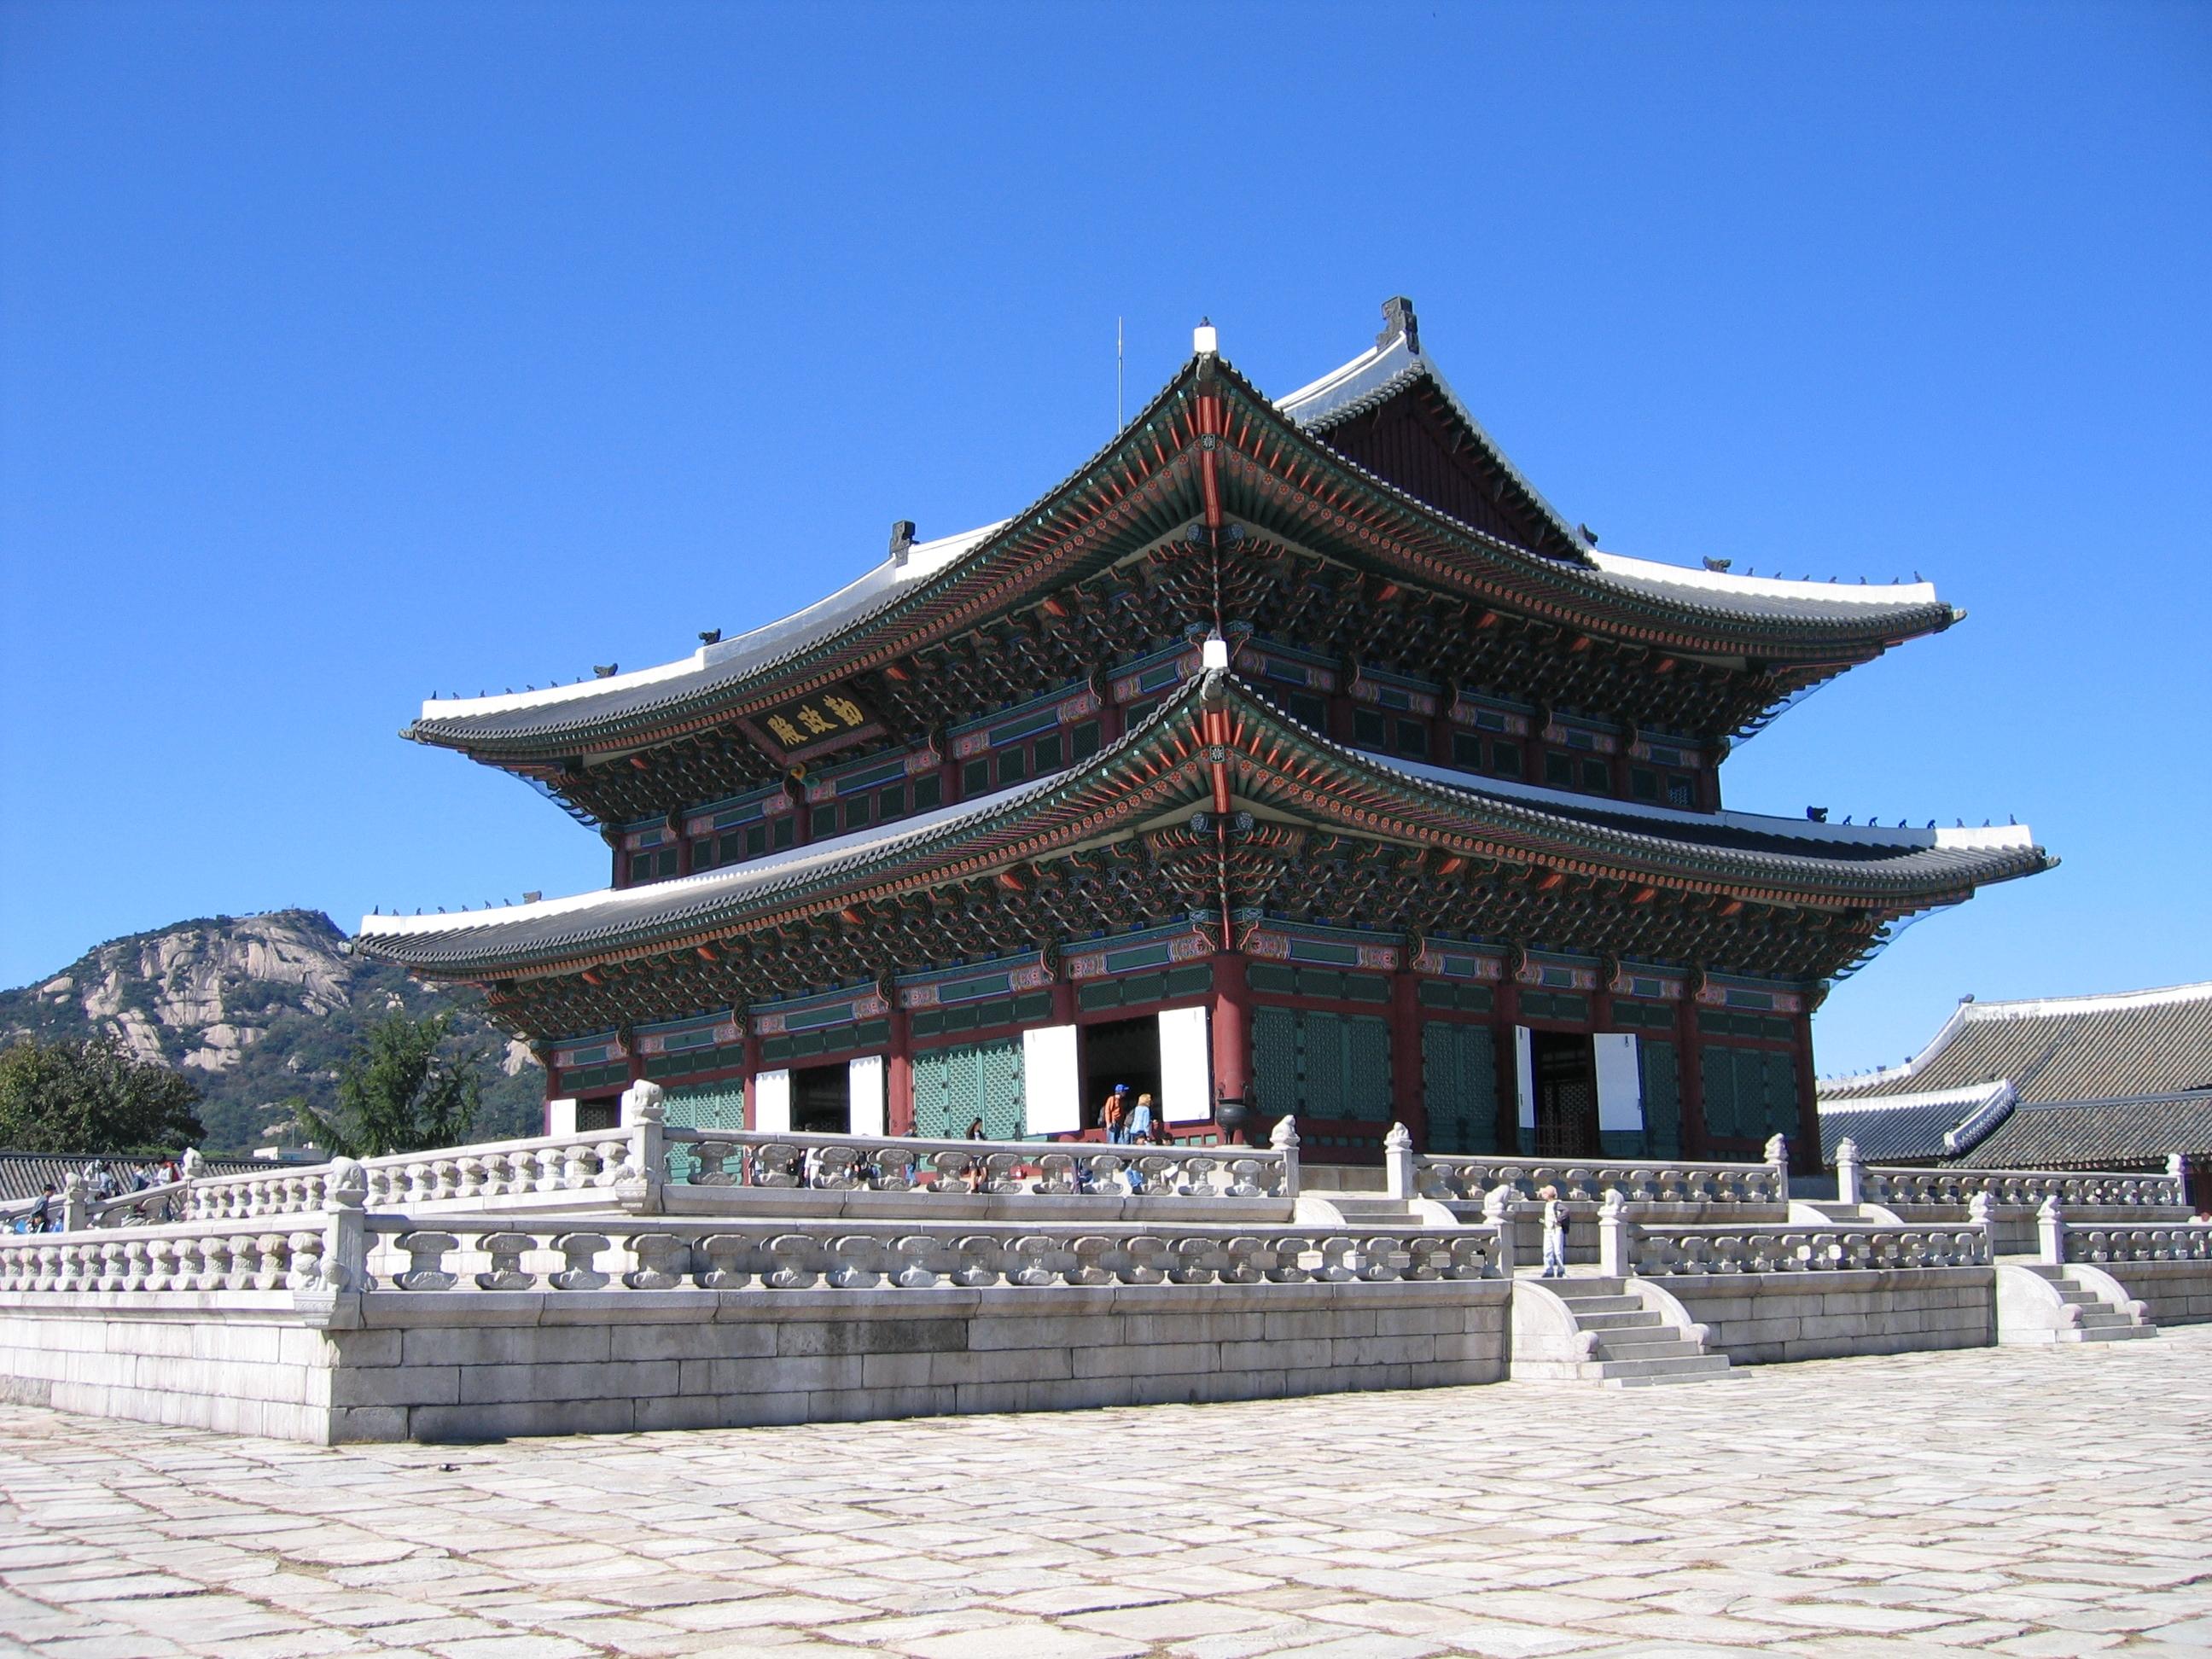 外国的皇宫都叫什么名字?图片